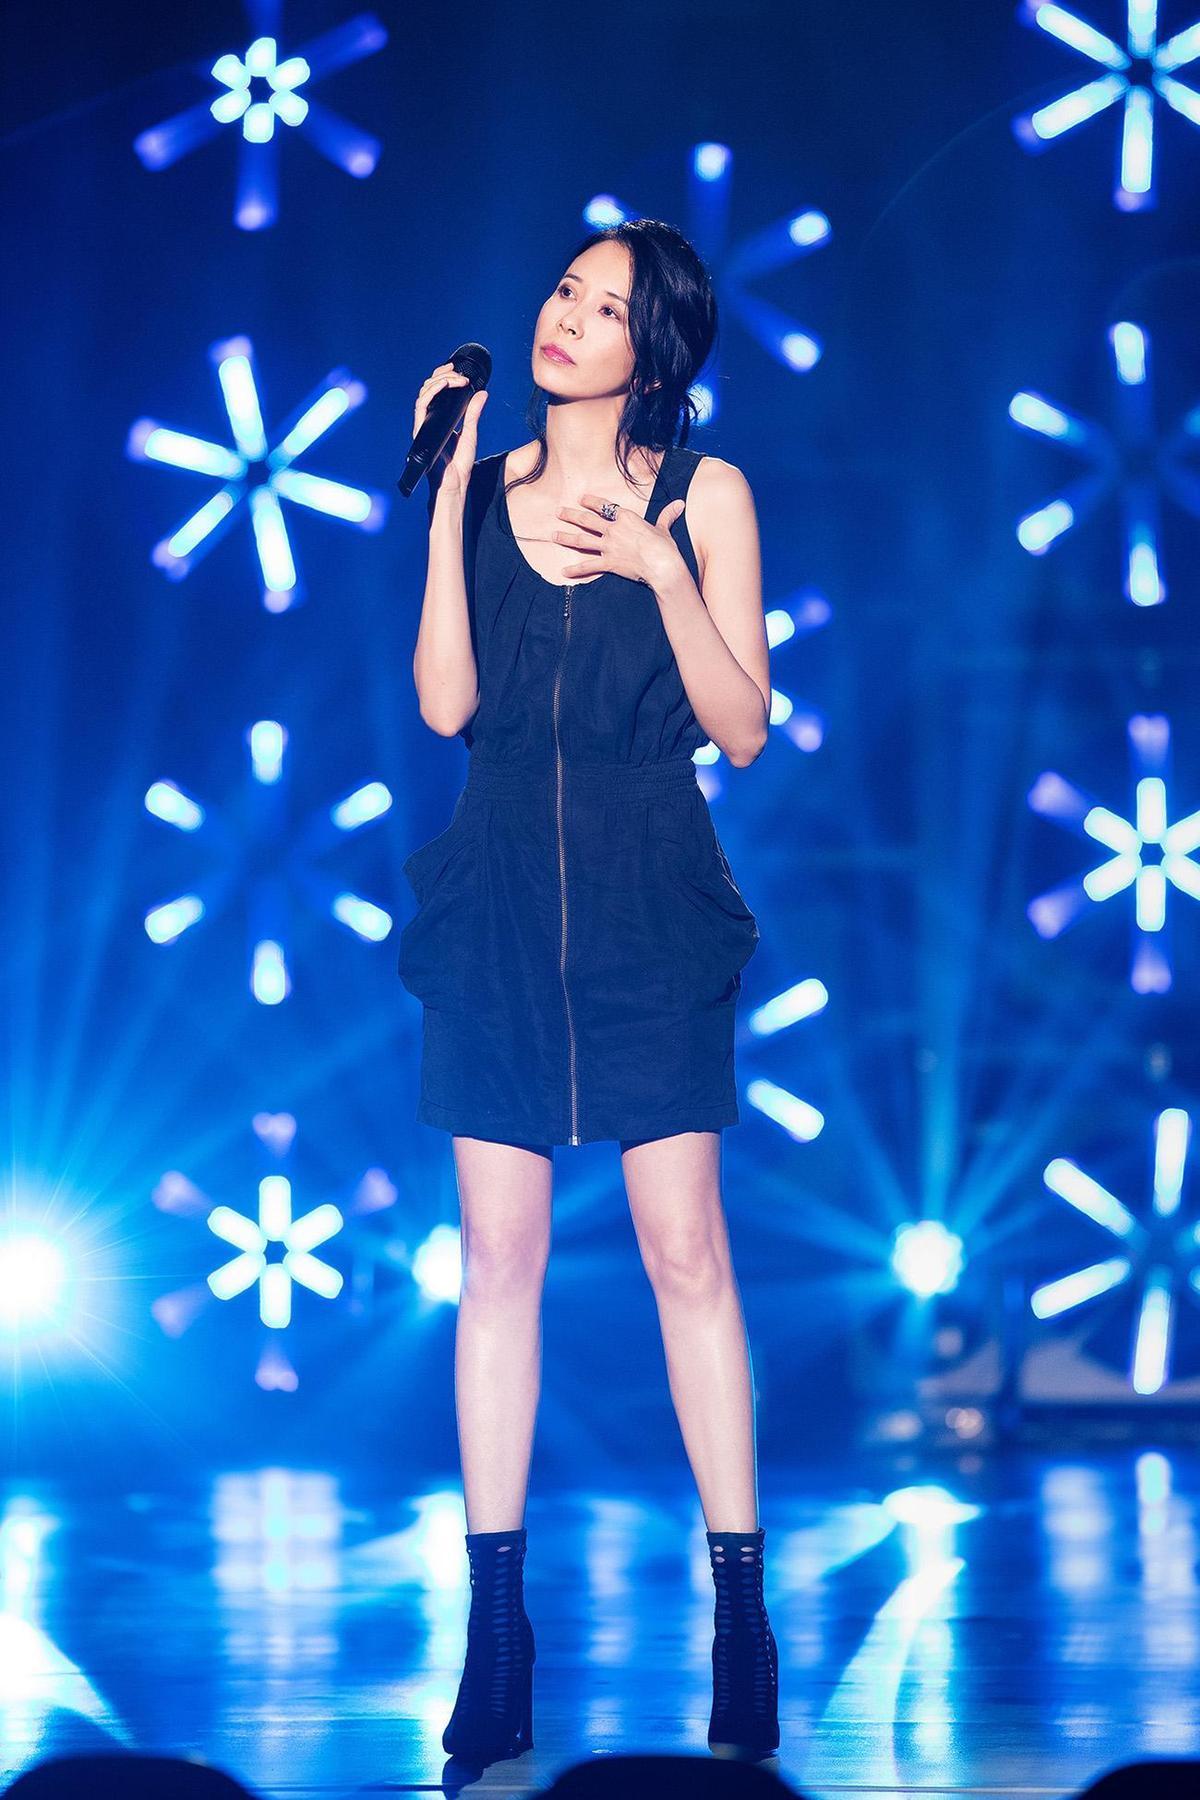 新歌首唱會吸引約350萬人同步線上收看,最後莫文蔚演唱〈一生所愛〉當彩蛋,讓歌迷大驚喜。(索尼音樂提供)